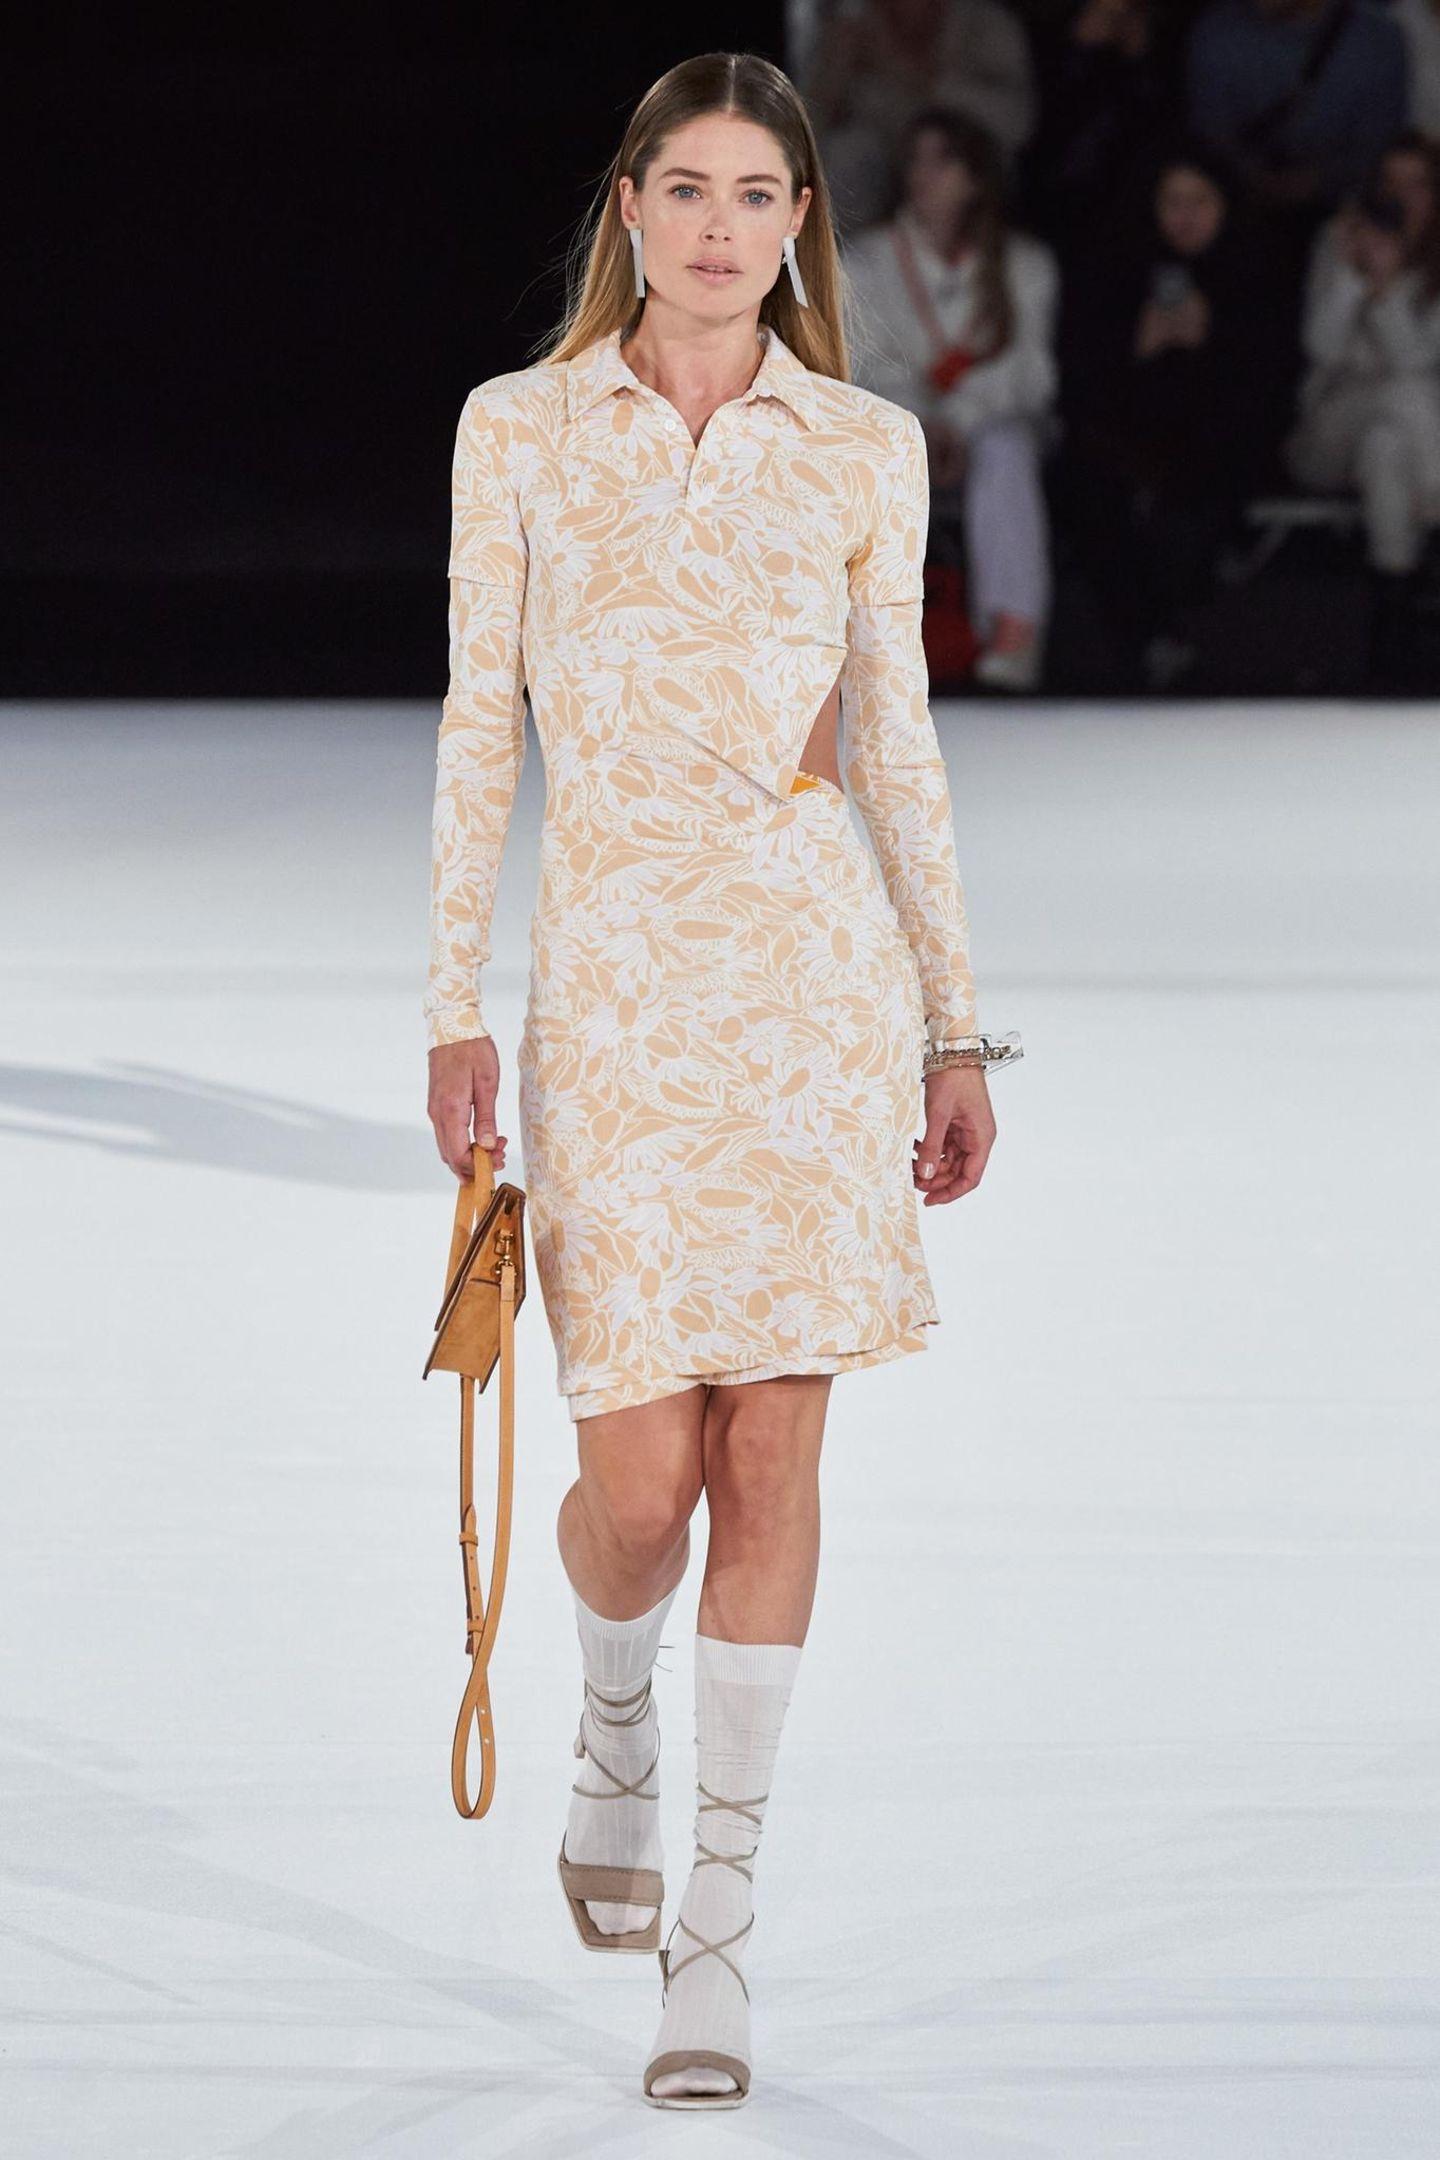 Für das It-Label Jacquemus läuft das niederländische Model Doutzen Kroes. Die Signature-Sandalen kombiniert der Designer im nächsten Jahr mit kniehohen Socken.